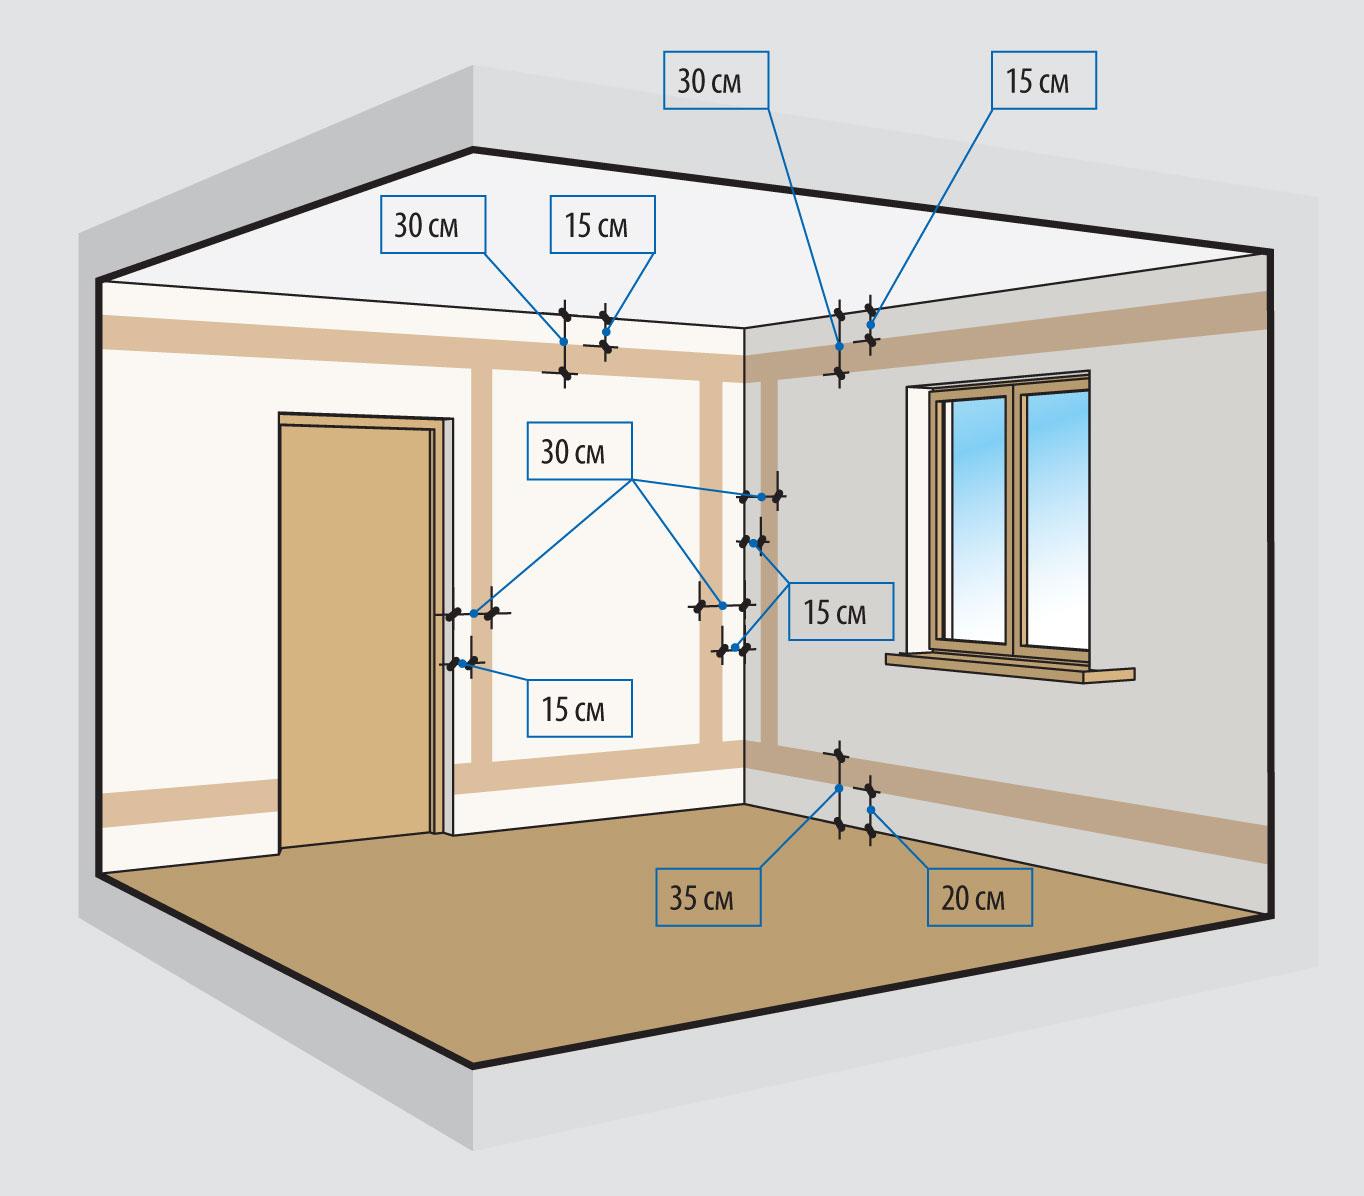 Как сделать электрическую проводку в доме своими руками фото 280